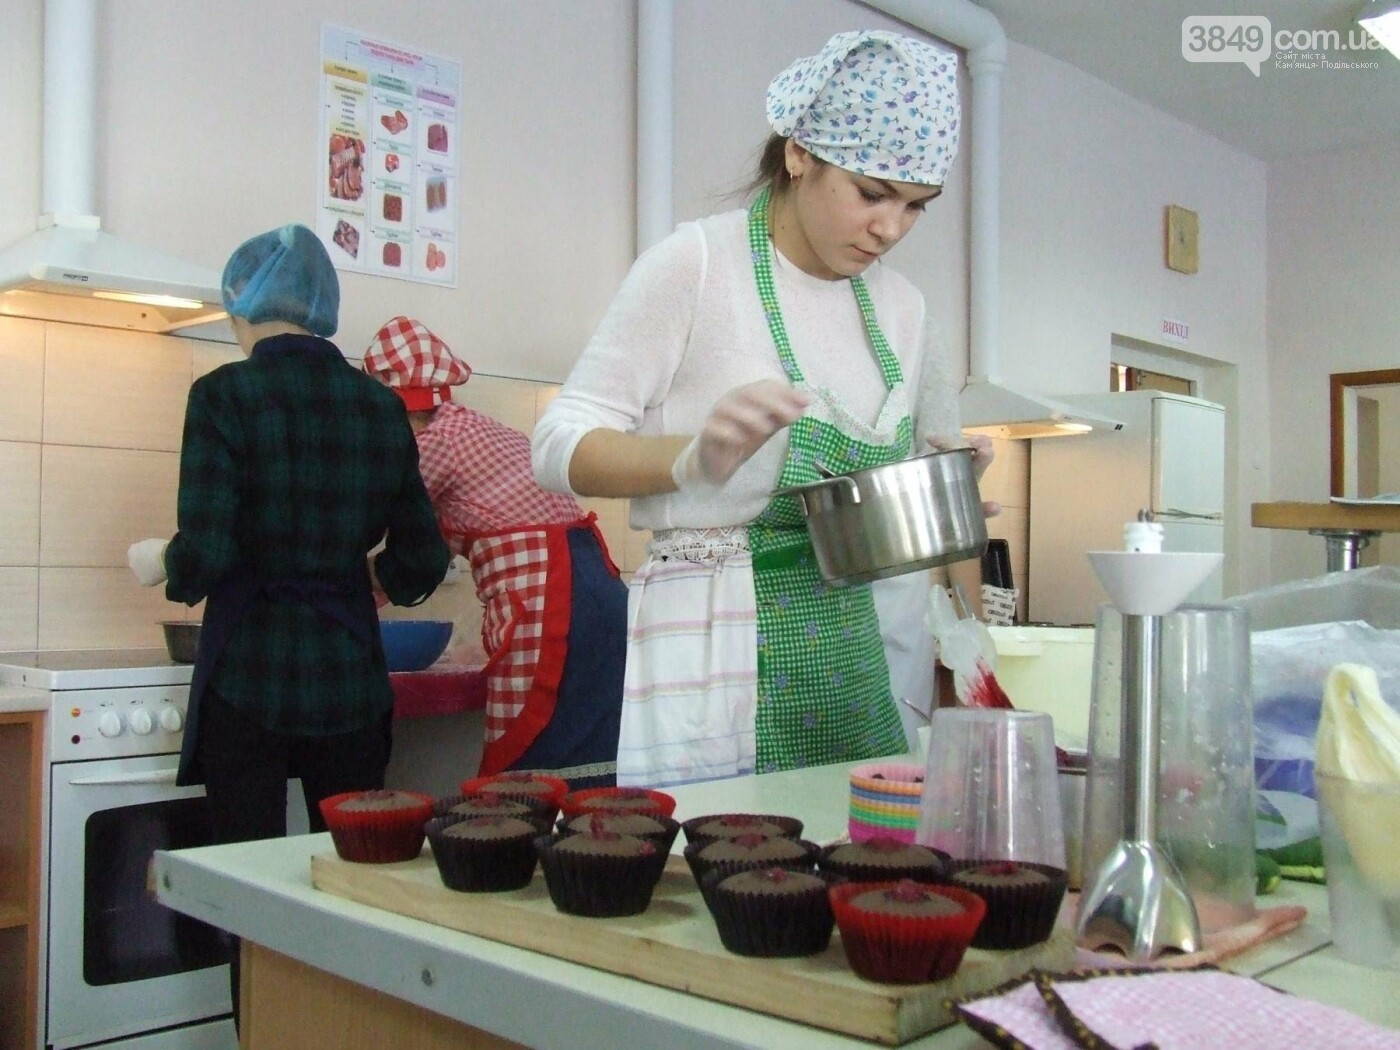 У Кам'янці стартувала Всеукраїнська учнівська олімпіада з трудового навчання , фото-5